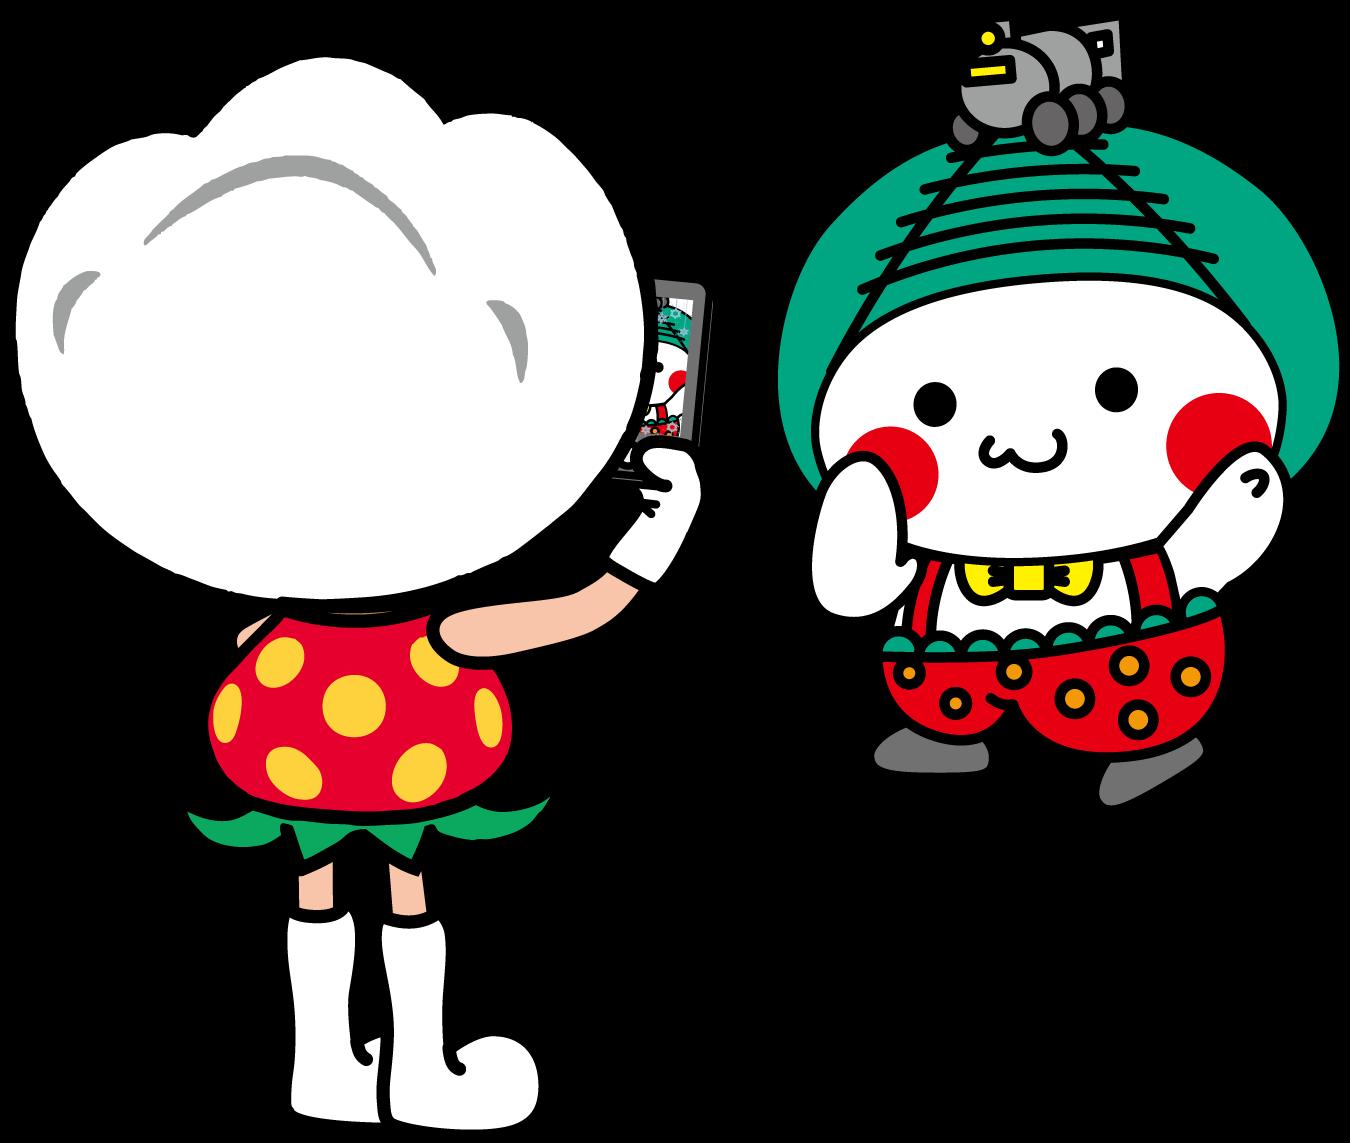 ARフォトフレームで旅気分!栃木県真岡市がゆるキャラやいちごのARフォトフレームを公開